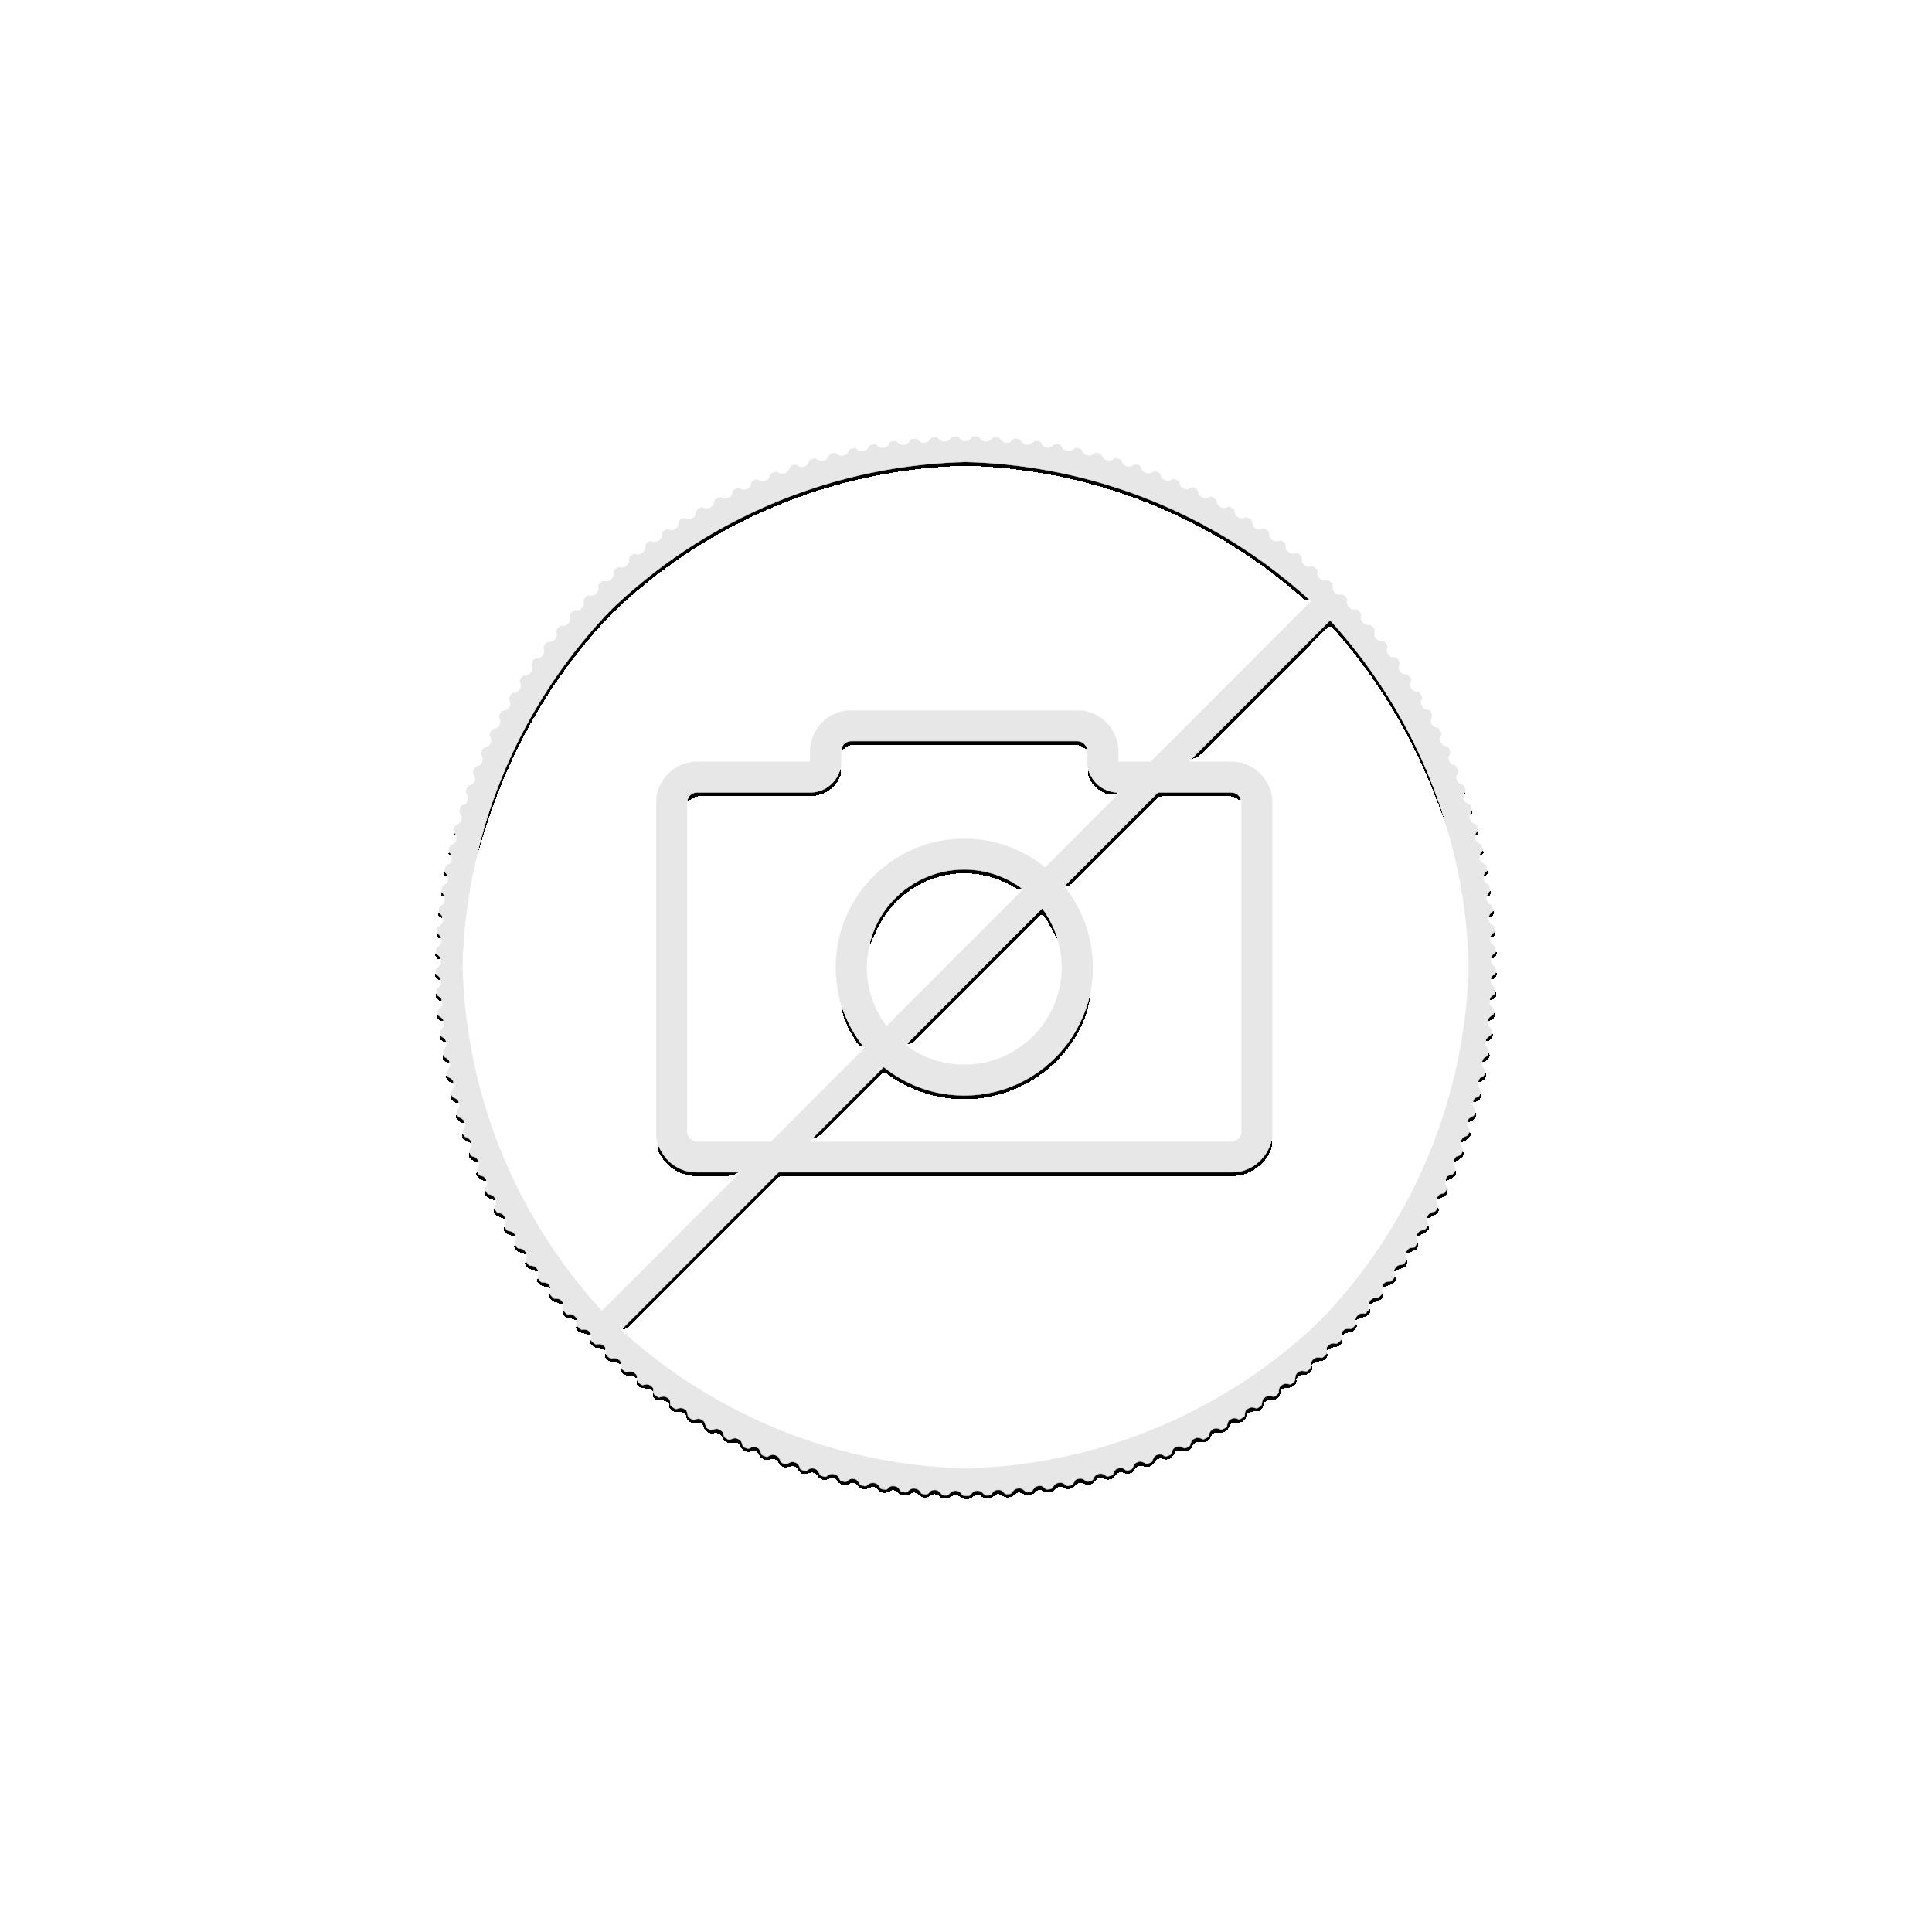 1 troy ounce zilveren munt walvishaai 2021 prooflike